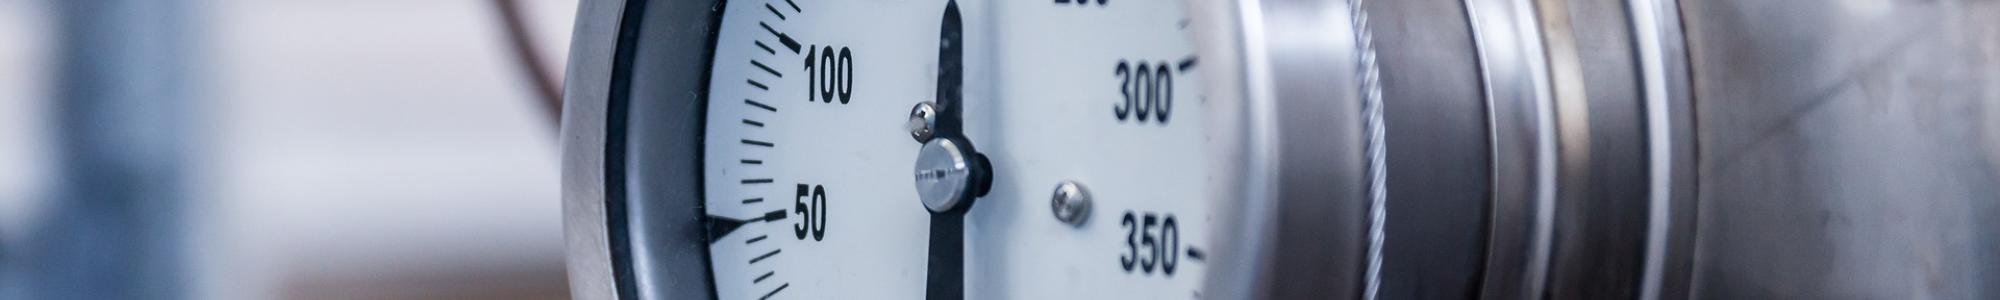 Impianti termici - Ripresa dell'attività ispettiva